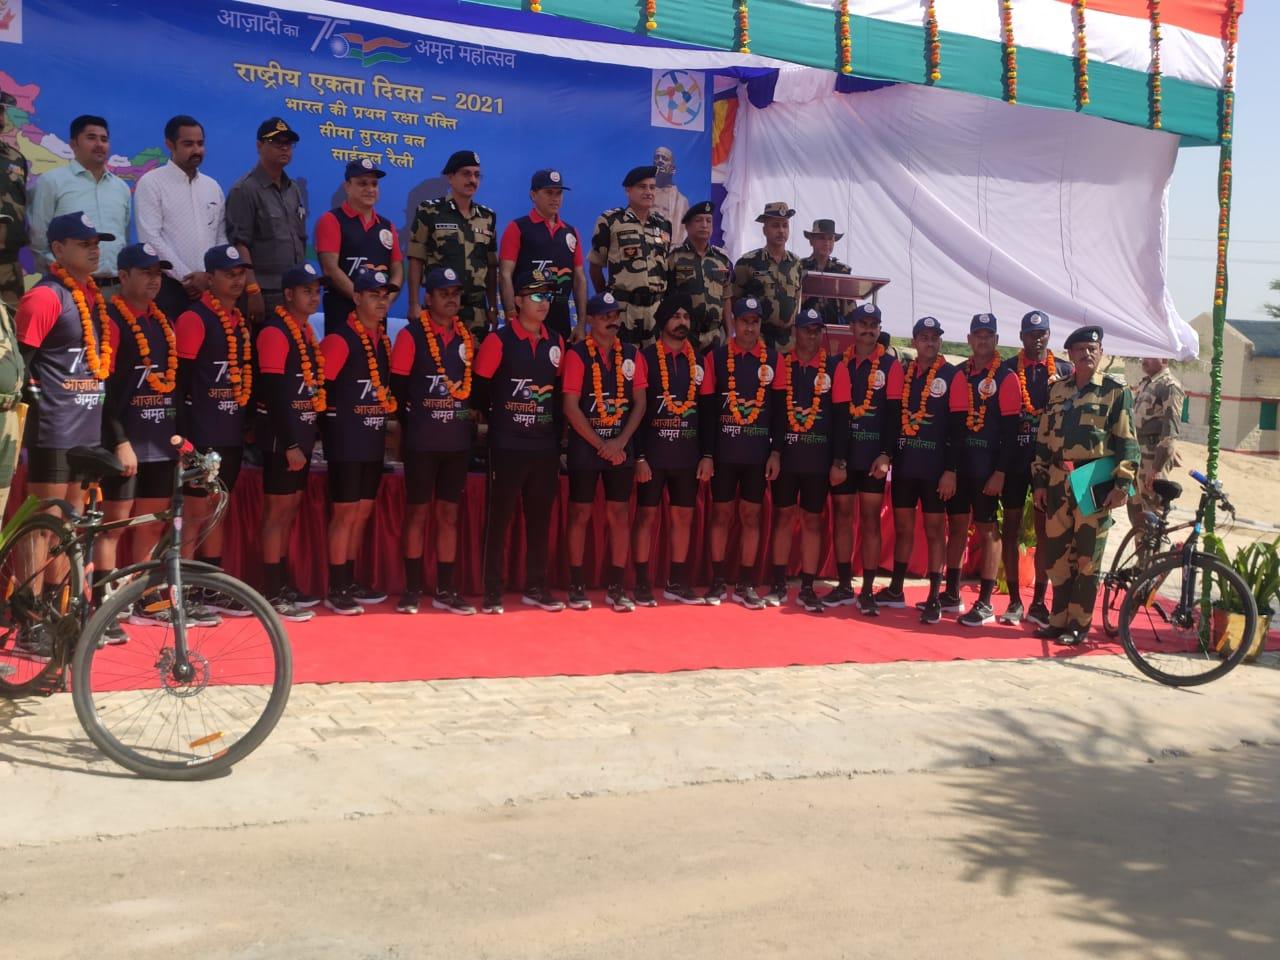 आजादी का अमृत महोत्सव के तहत रेथनवाला से केवड़िया आज रवाना हुई साइकिल रैली